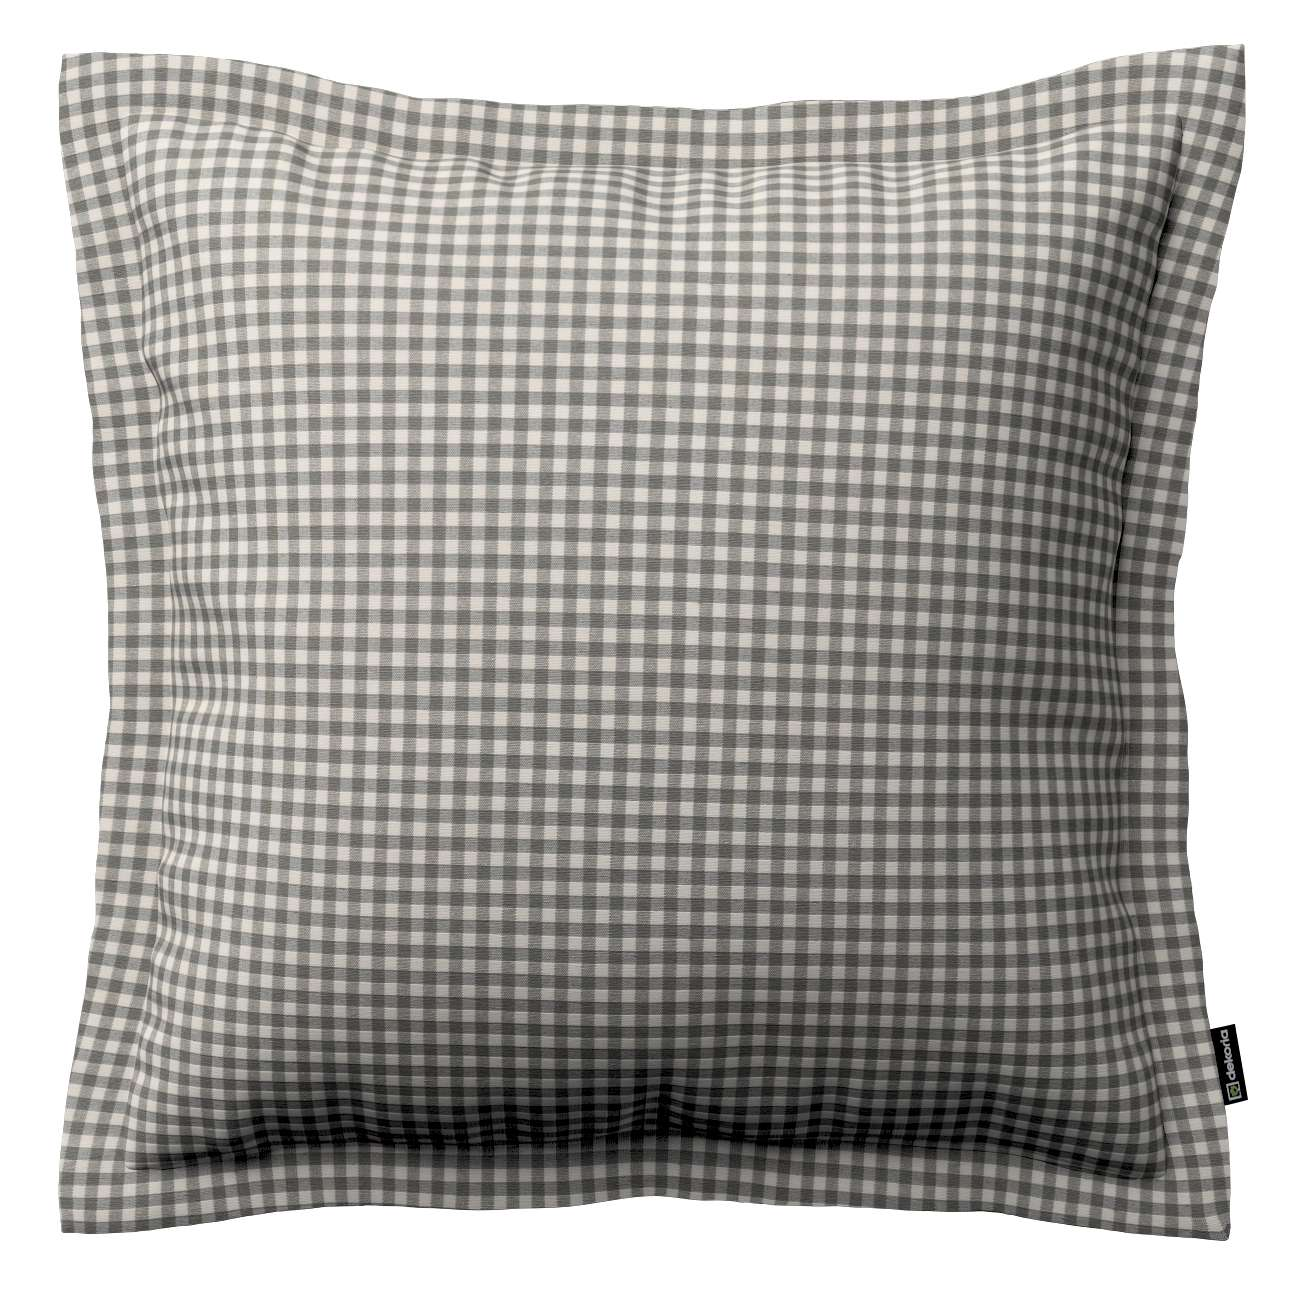 Poszewka Mona na poduszkę 45x45 cm w kolekcji Quadro, tkanina: 136-10